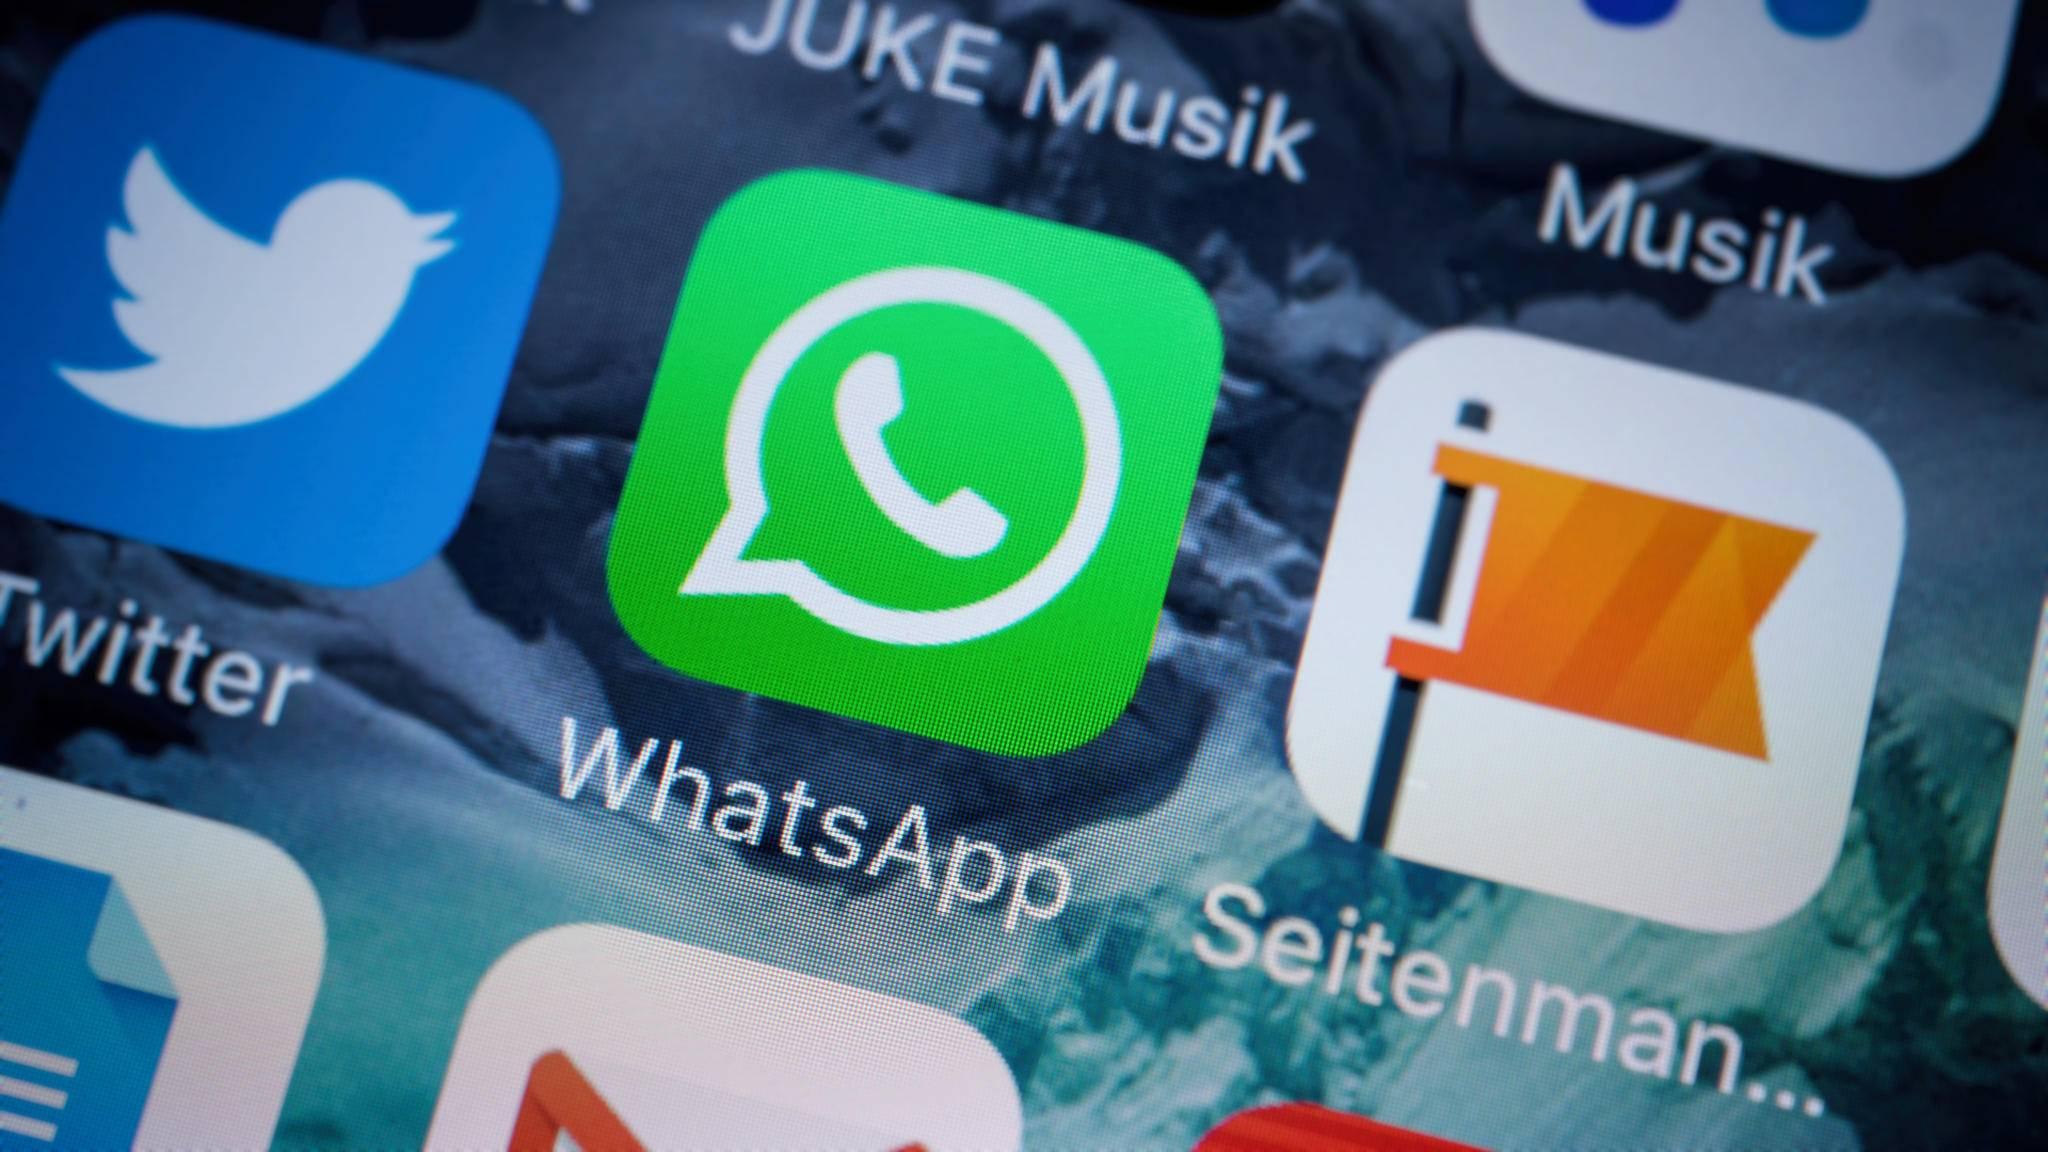 WhatsApp ab 16? So einfach funktioniert die Altersbestätigung.